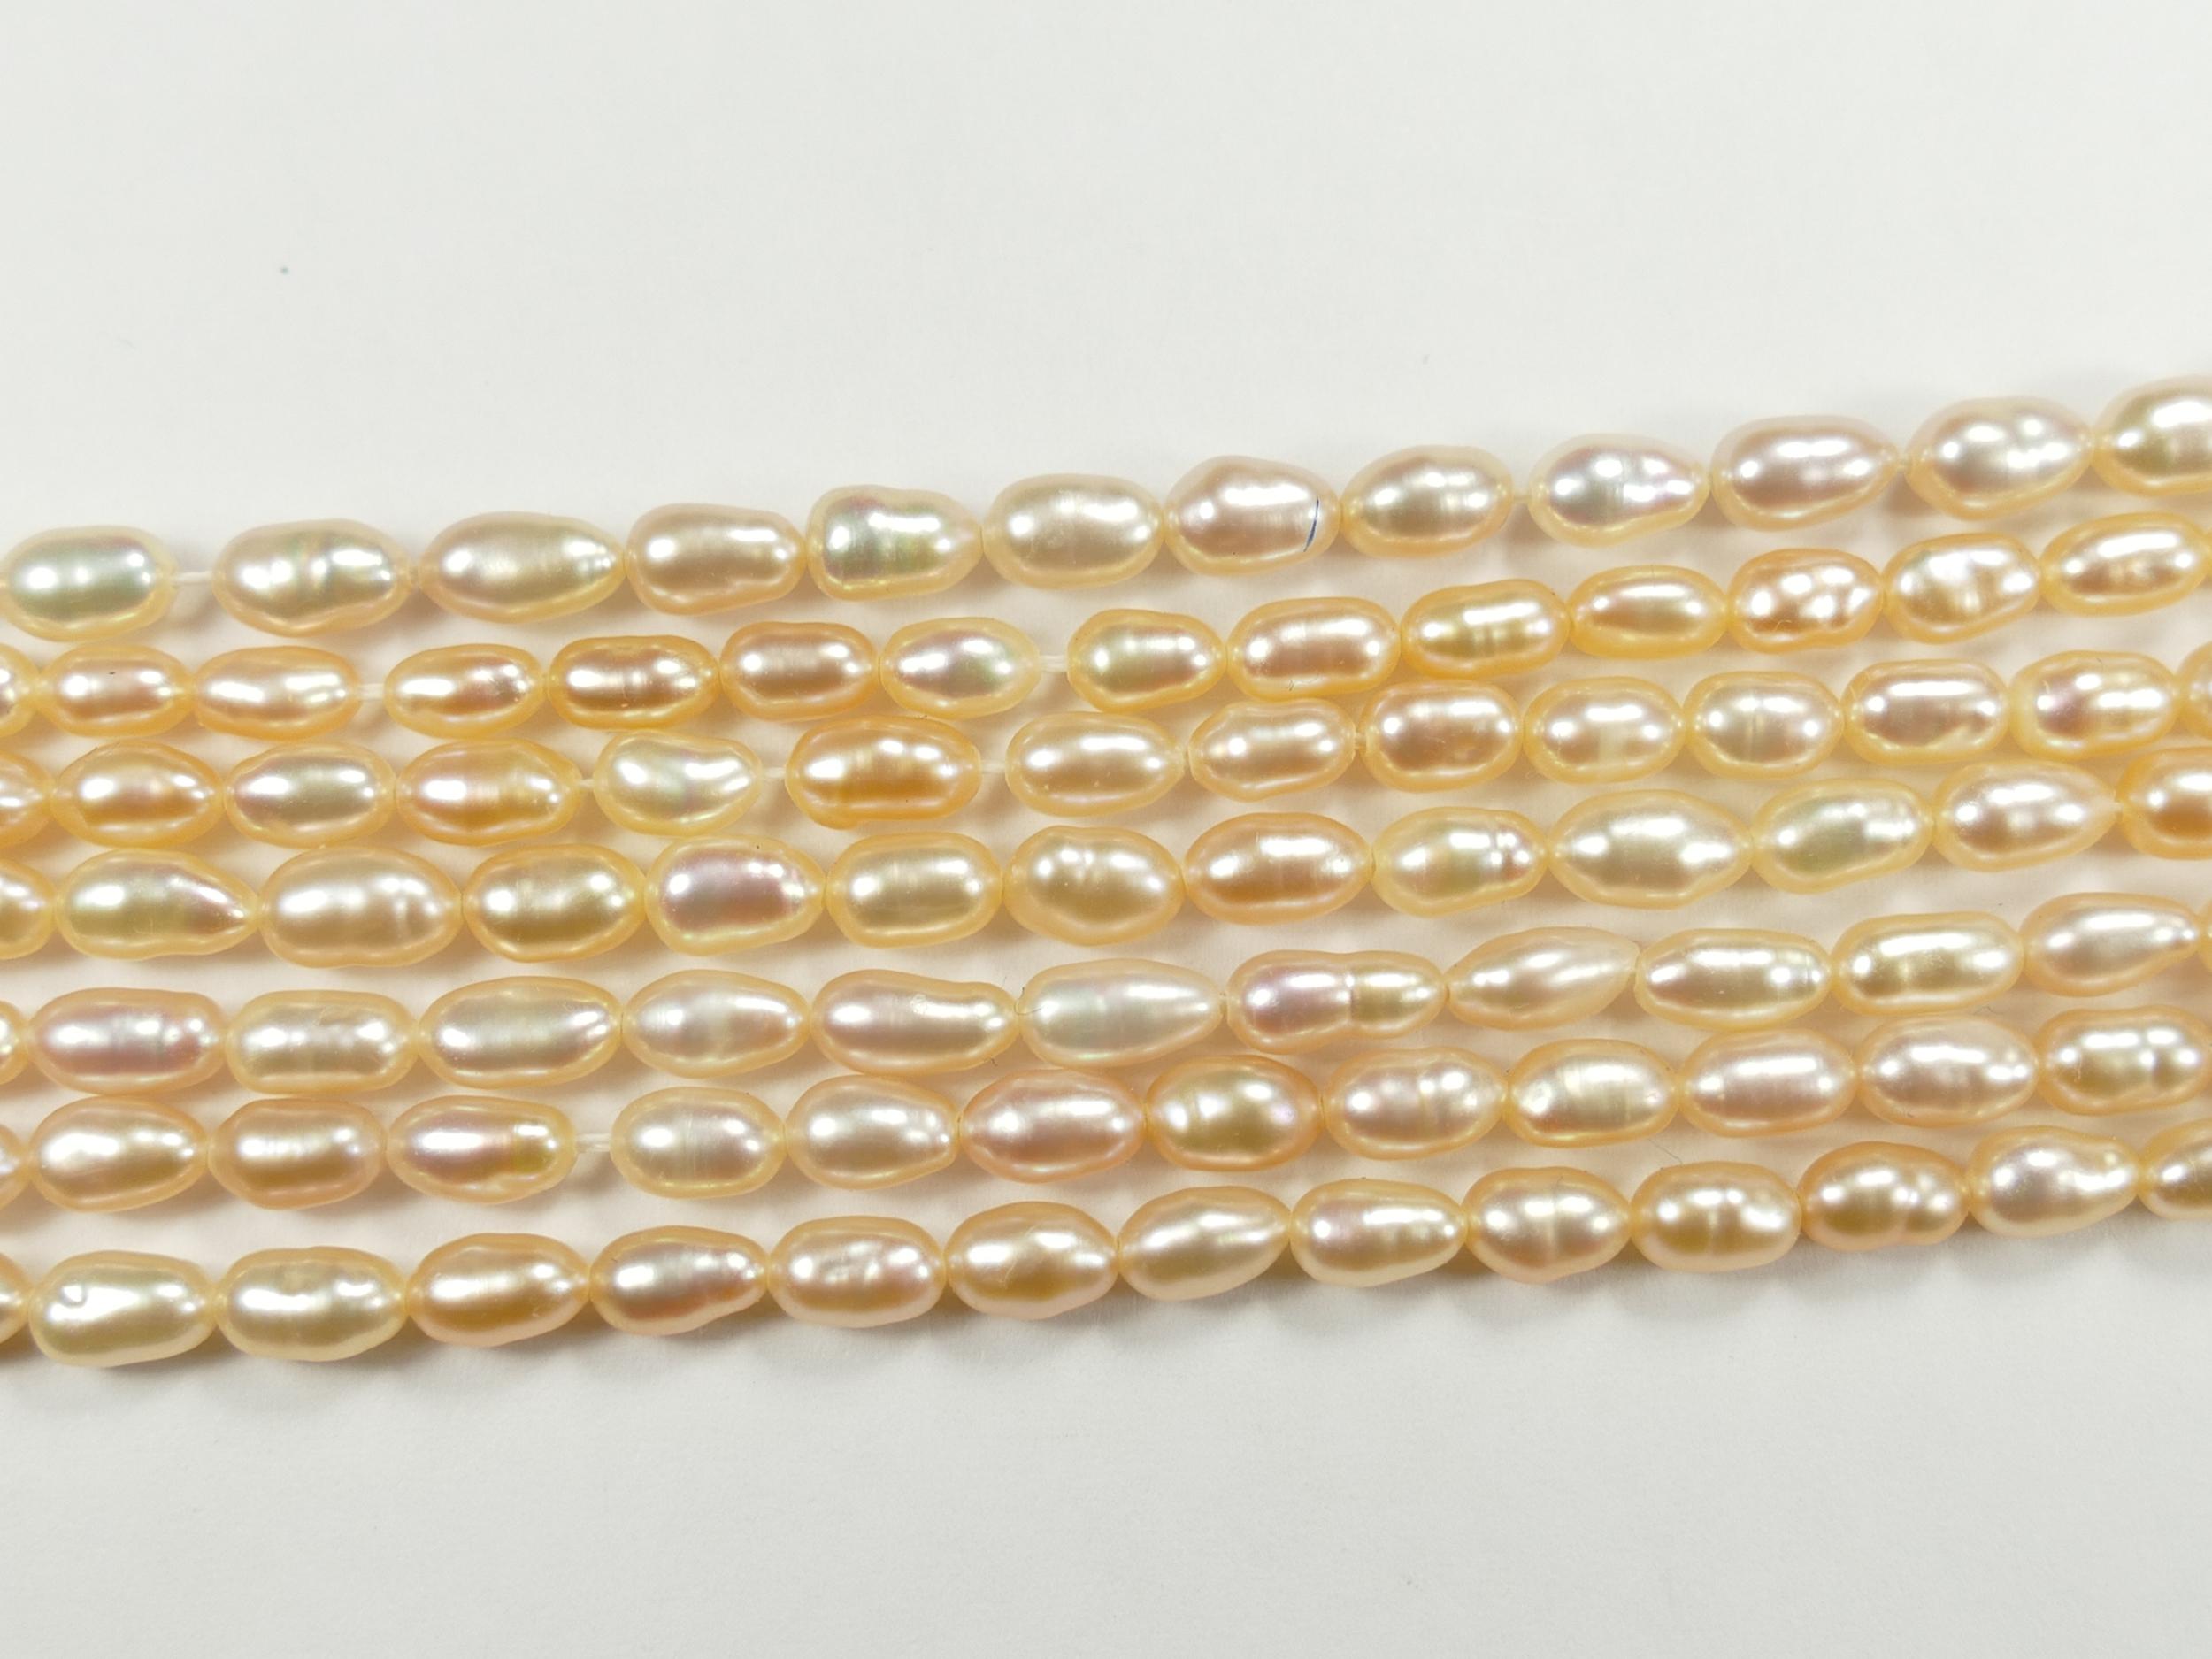 3.3/4mm Perle de culture couleur rosé lilas naturelle d\'eau douce ovale riz x20cm (7.8inch) (#AC604)